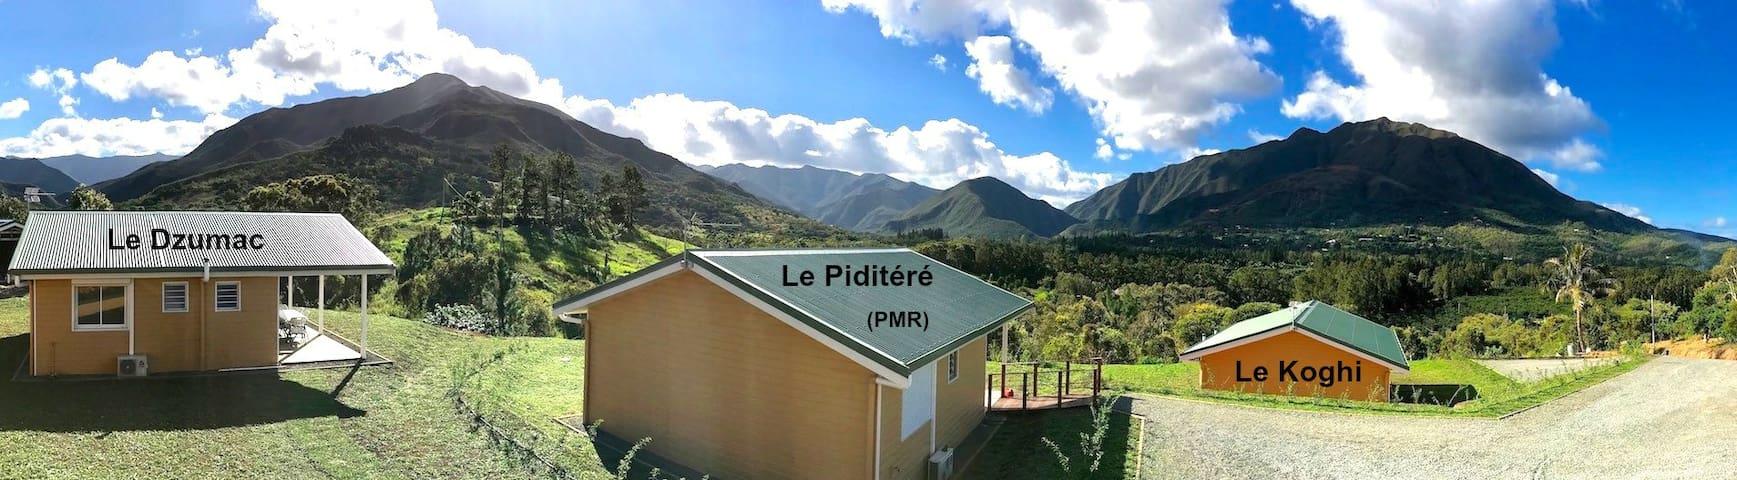 Gite Le Panoramique - Chalet Piditéré